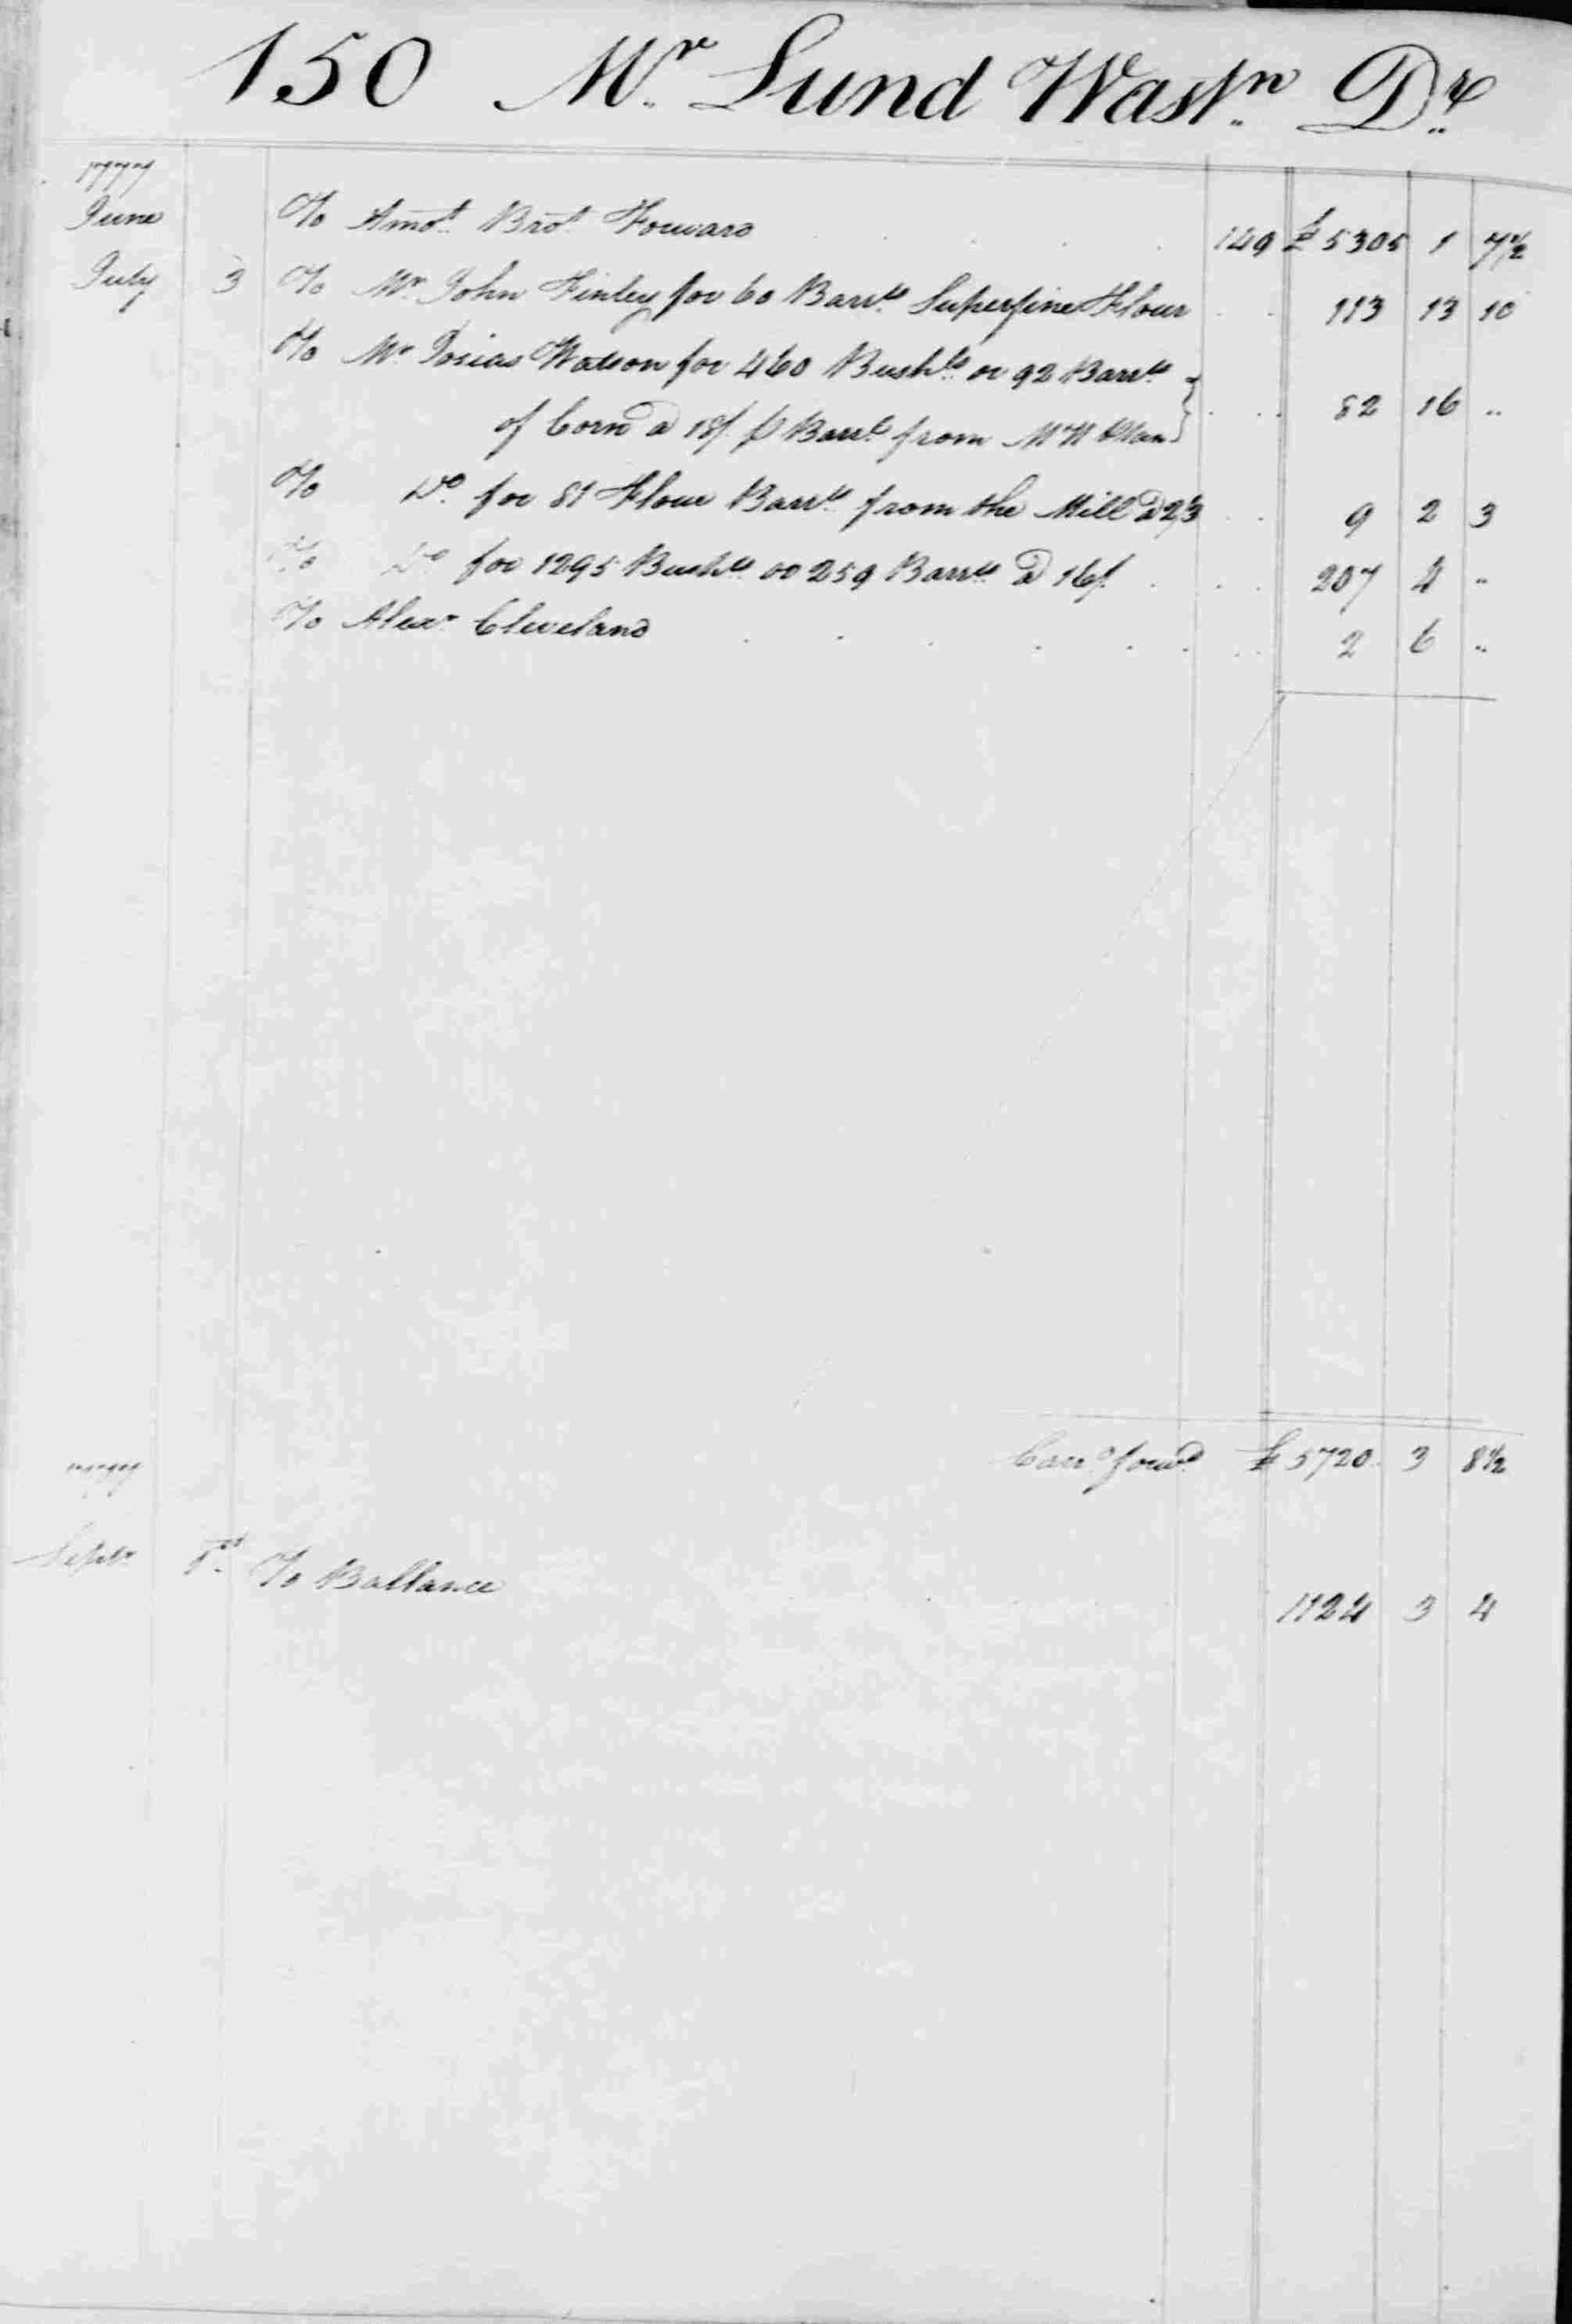 Ledger B, folio 150, left side